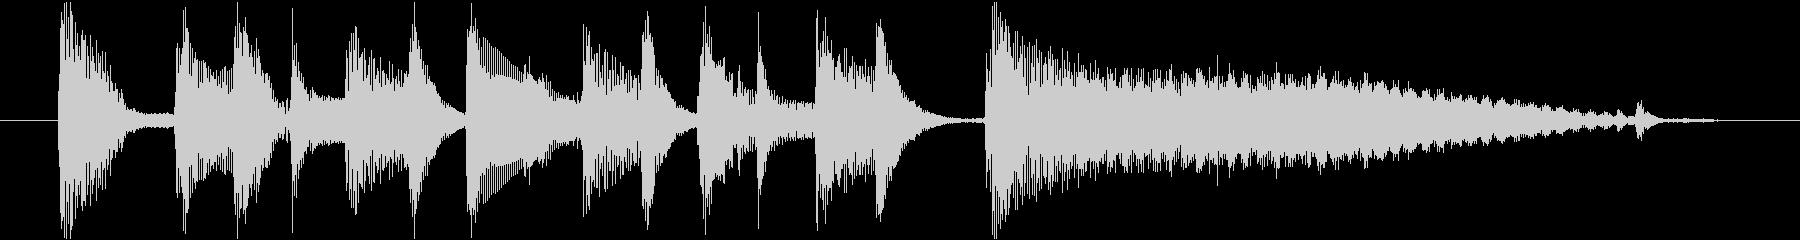 ジングル(ボサノヴァ)の未再生の波形